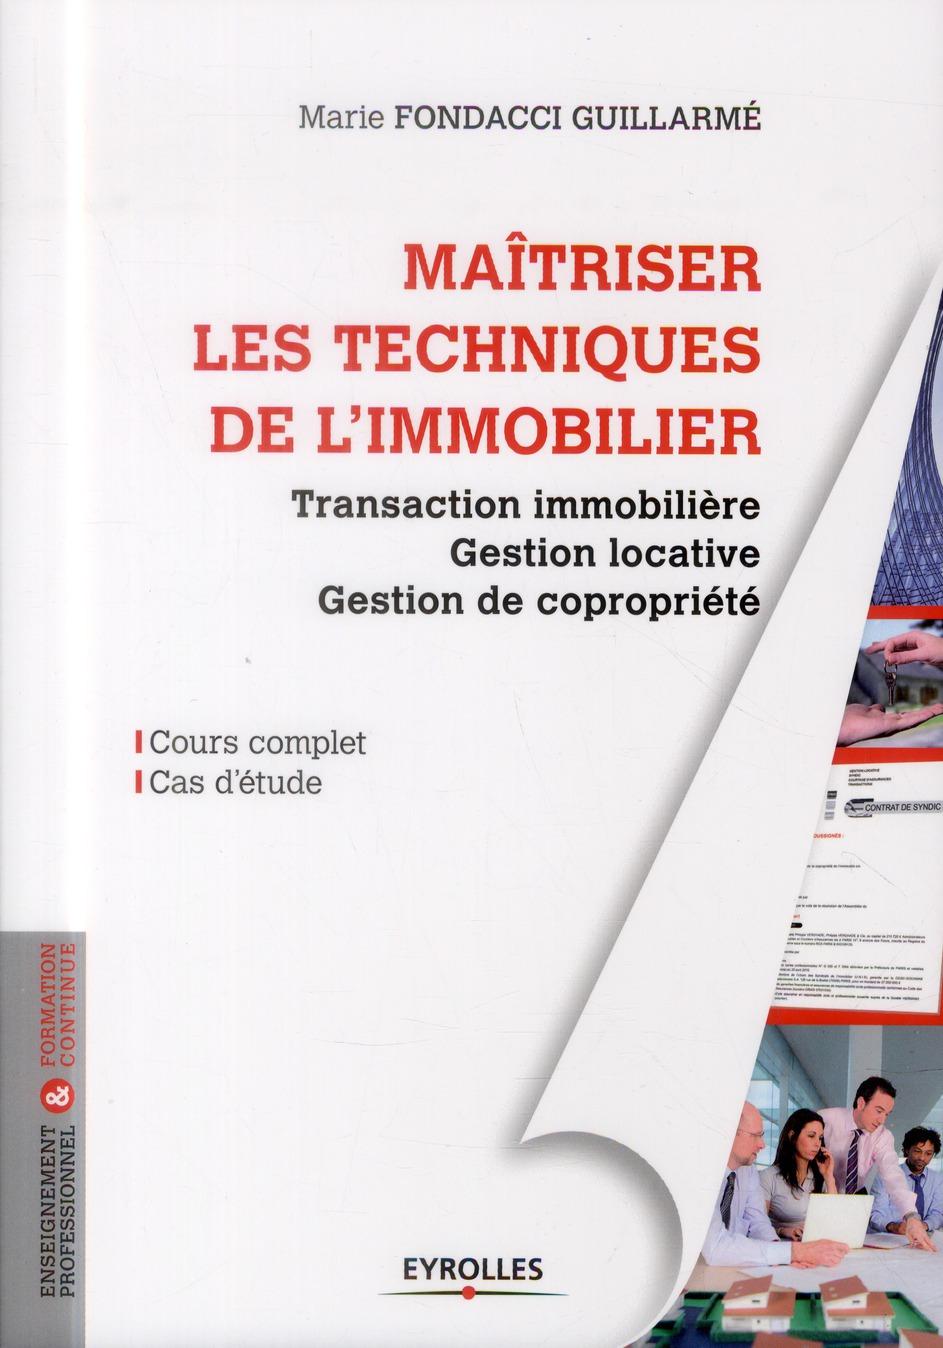 MAITRISER LES TECHNIQUES DE L'IMMOBILIER TRANSACTION IMMOBILIERE, GESTION LOCATIVE ET GESTION DE COP